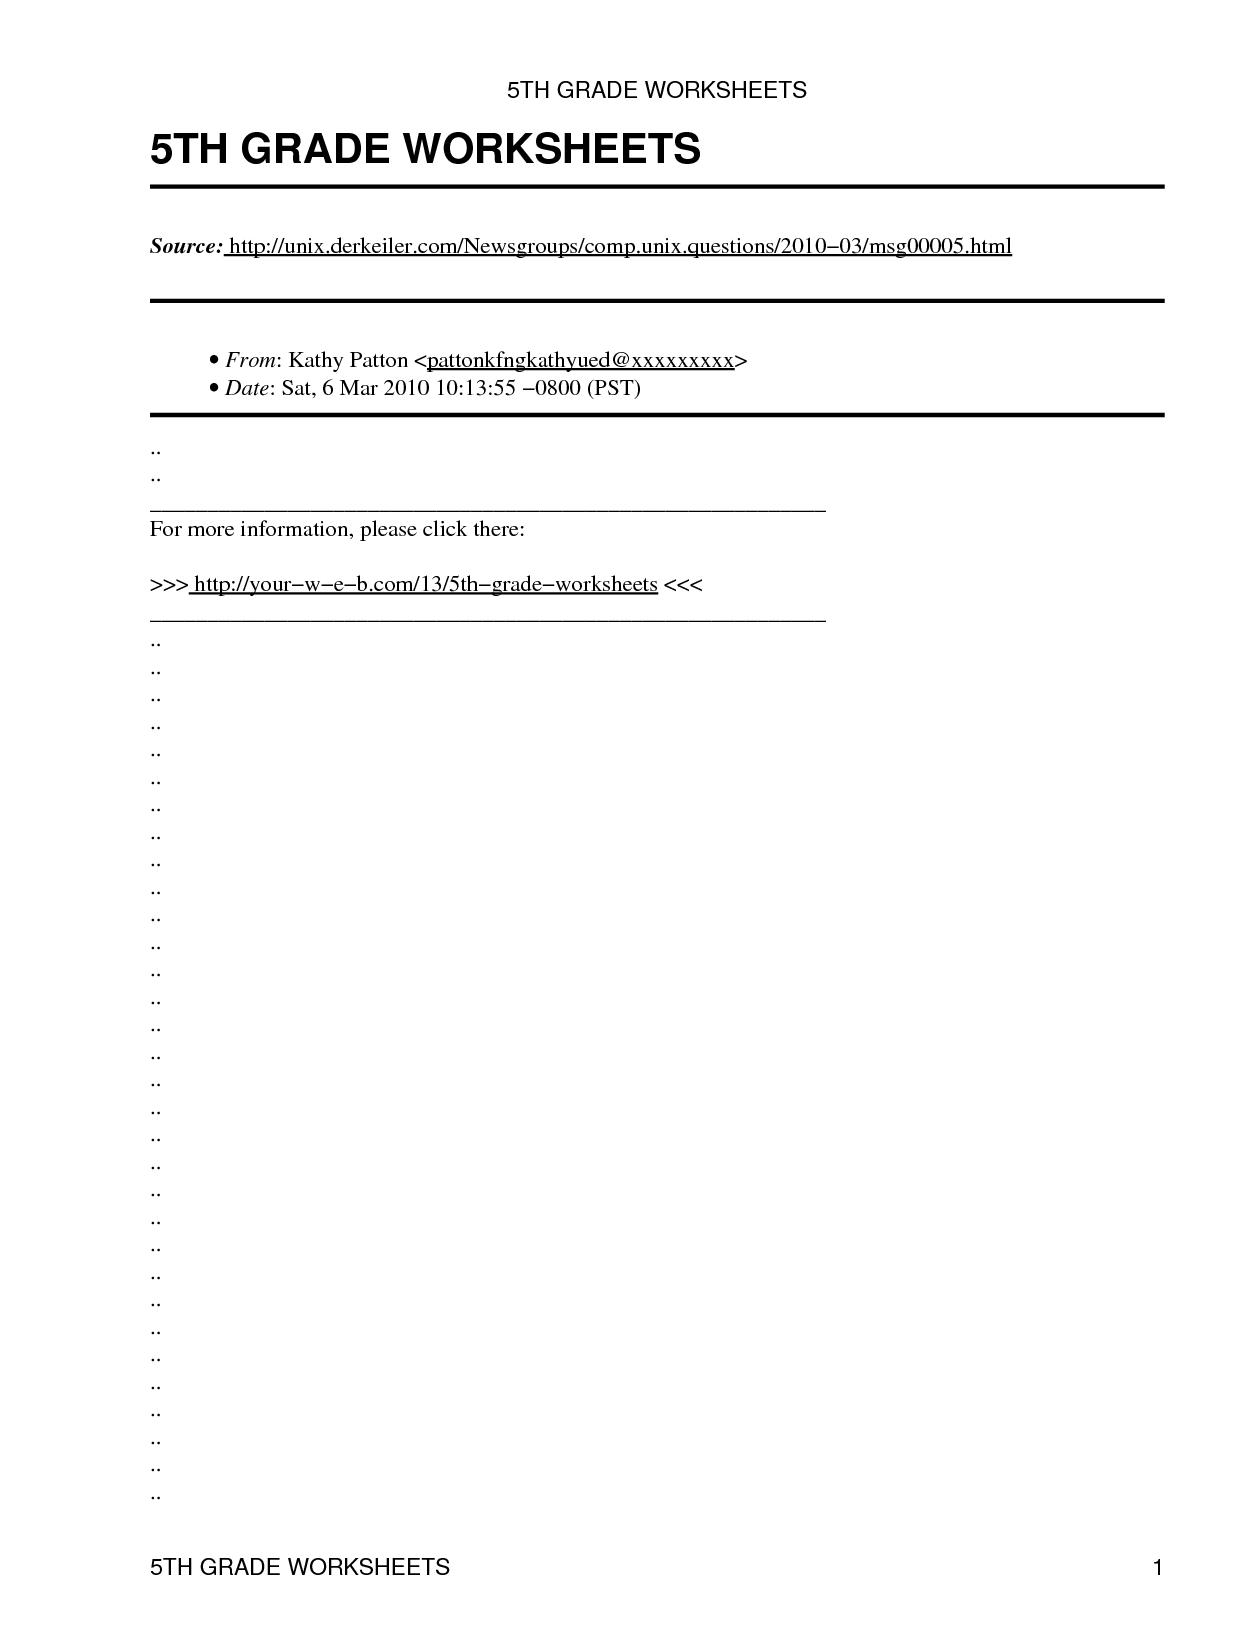 5th Grade Grammar Worksheets Best Kids Worksheets